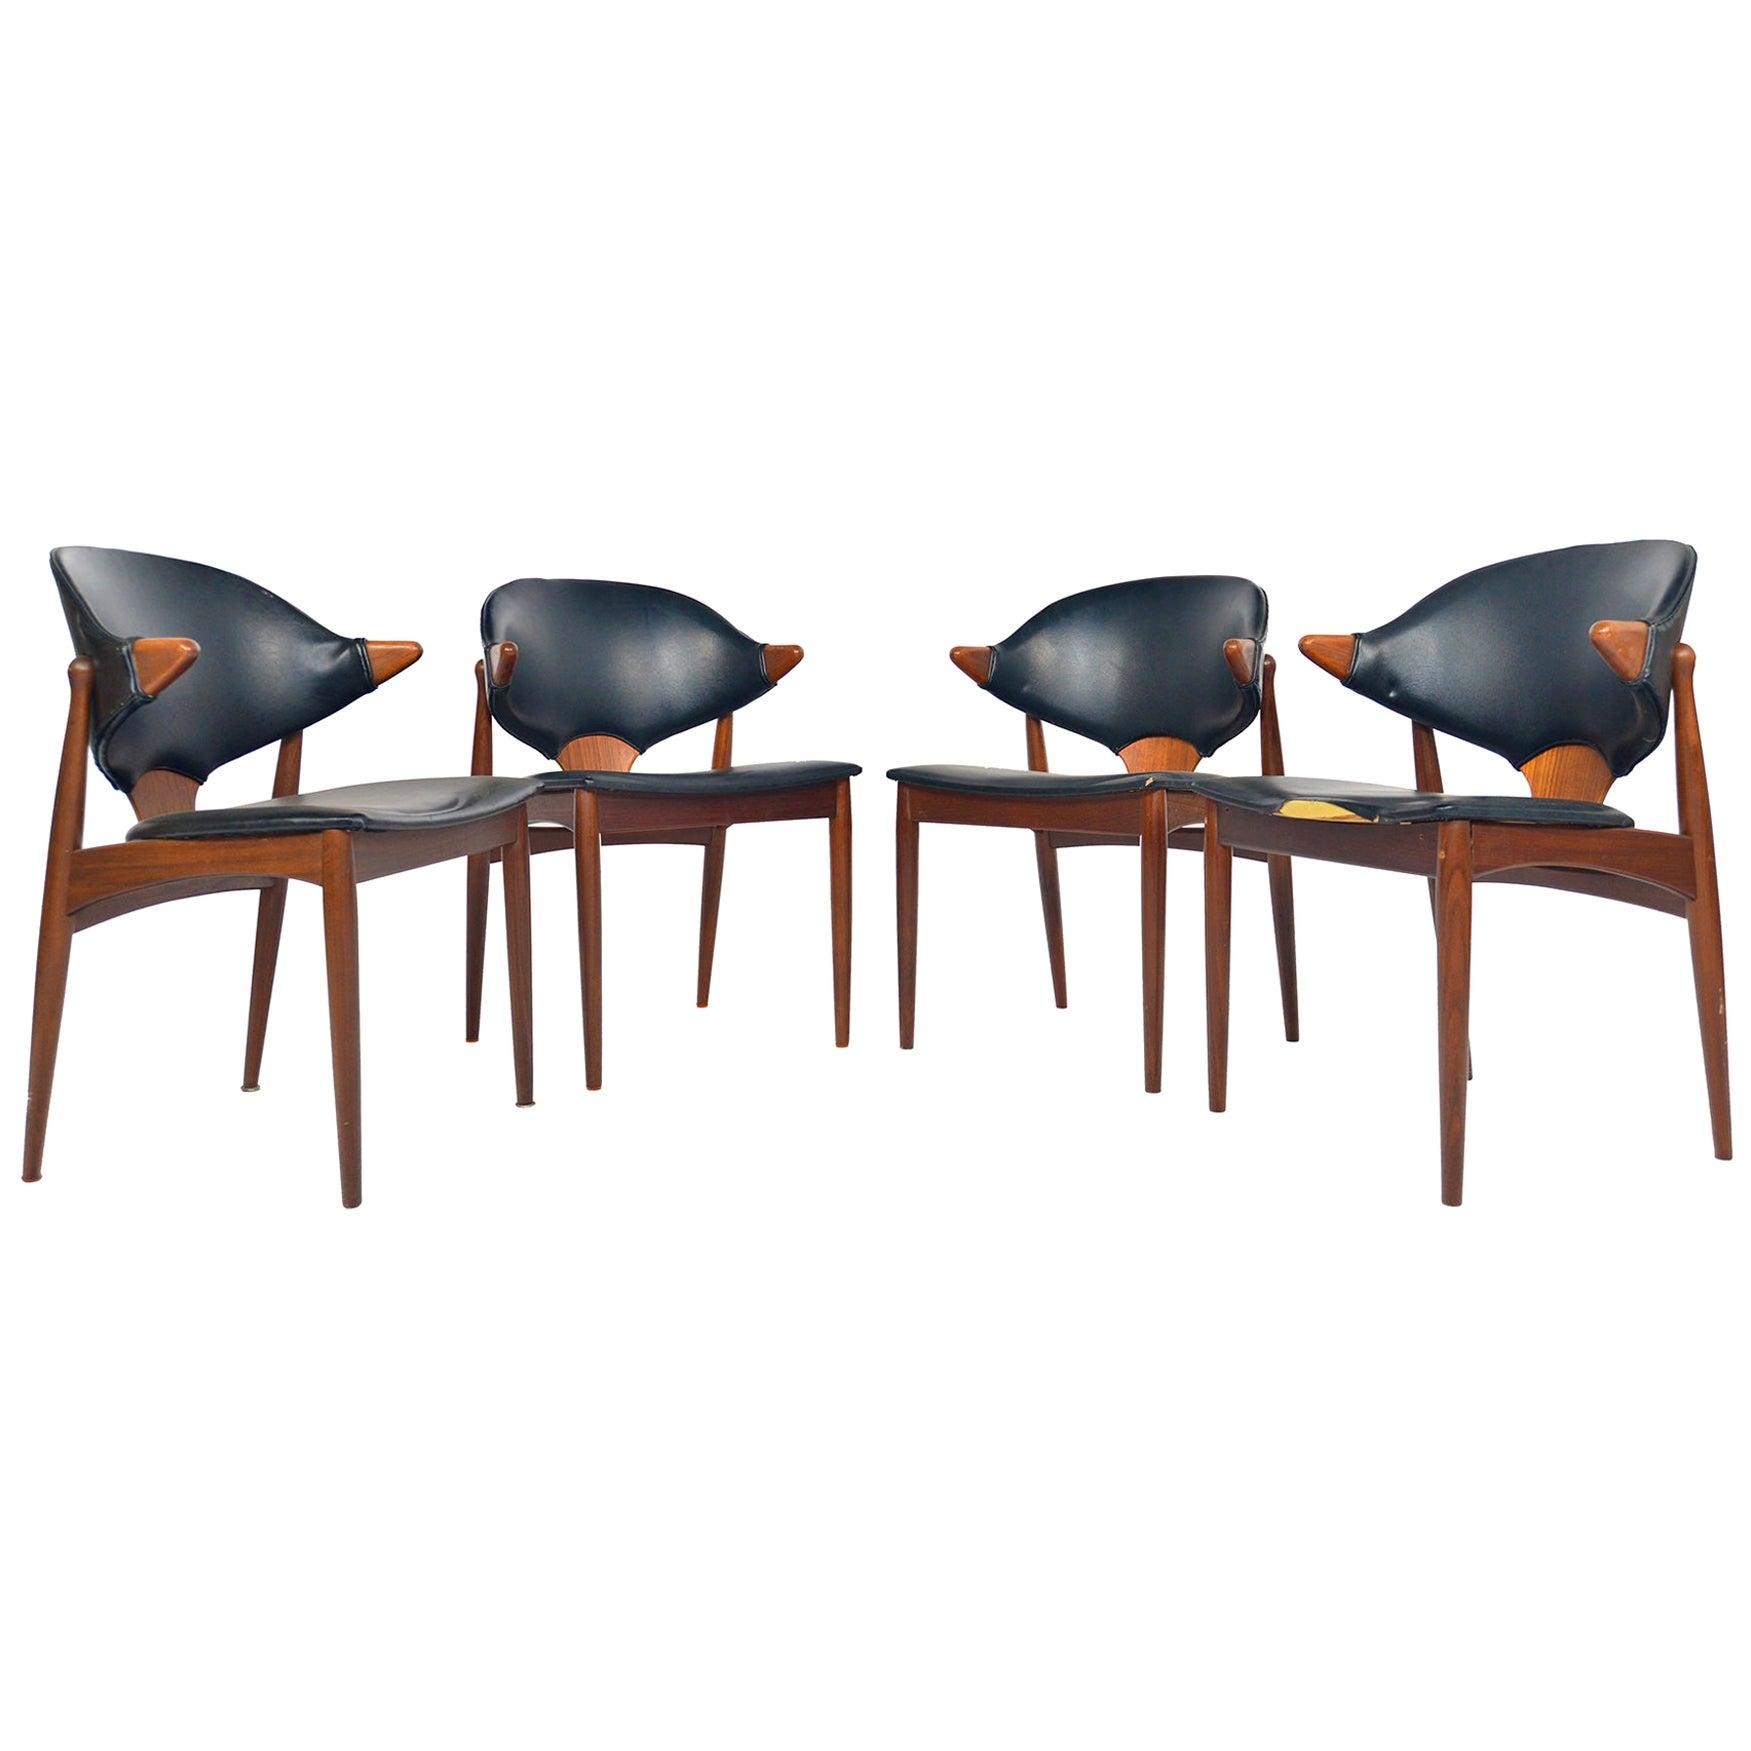 Rare Set of Four Arne Vodder Danish Armchairs in Teak for Vamo Sonderborg